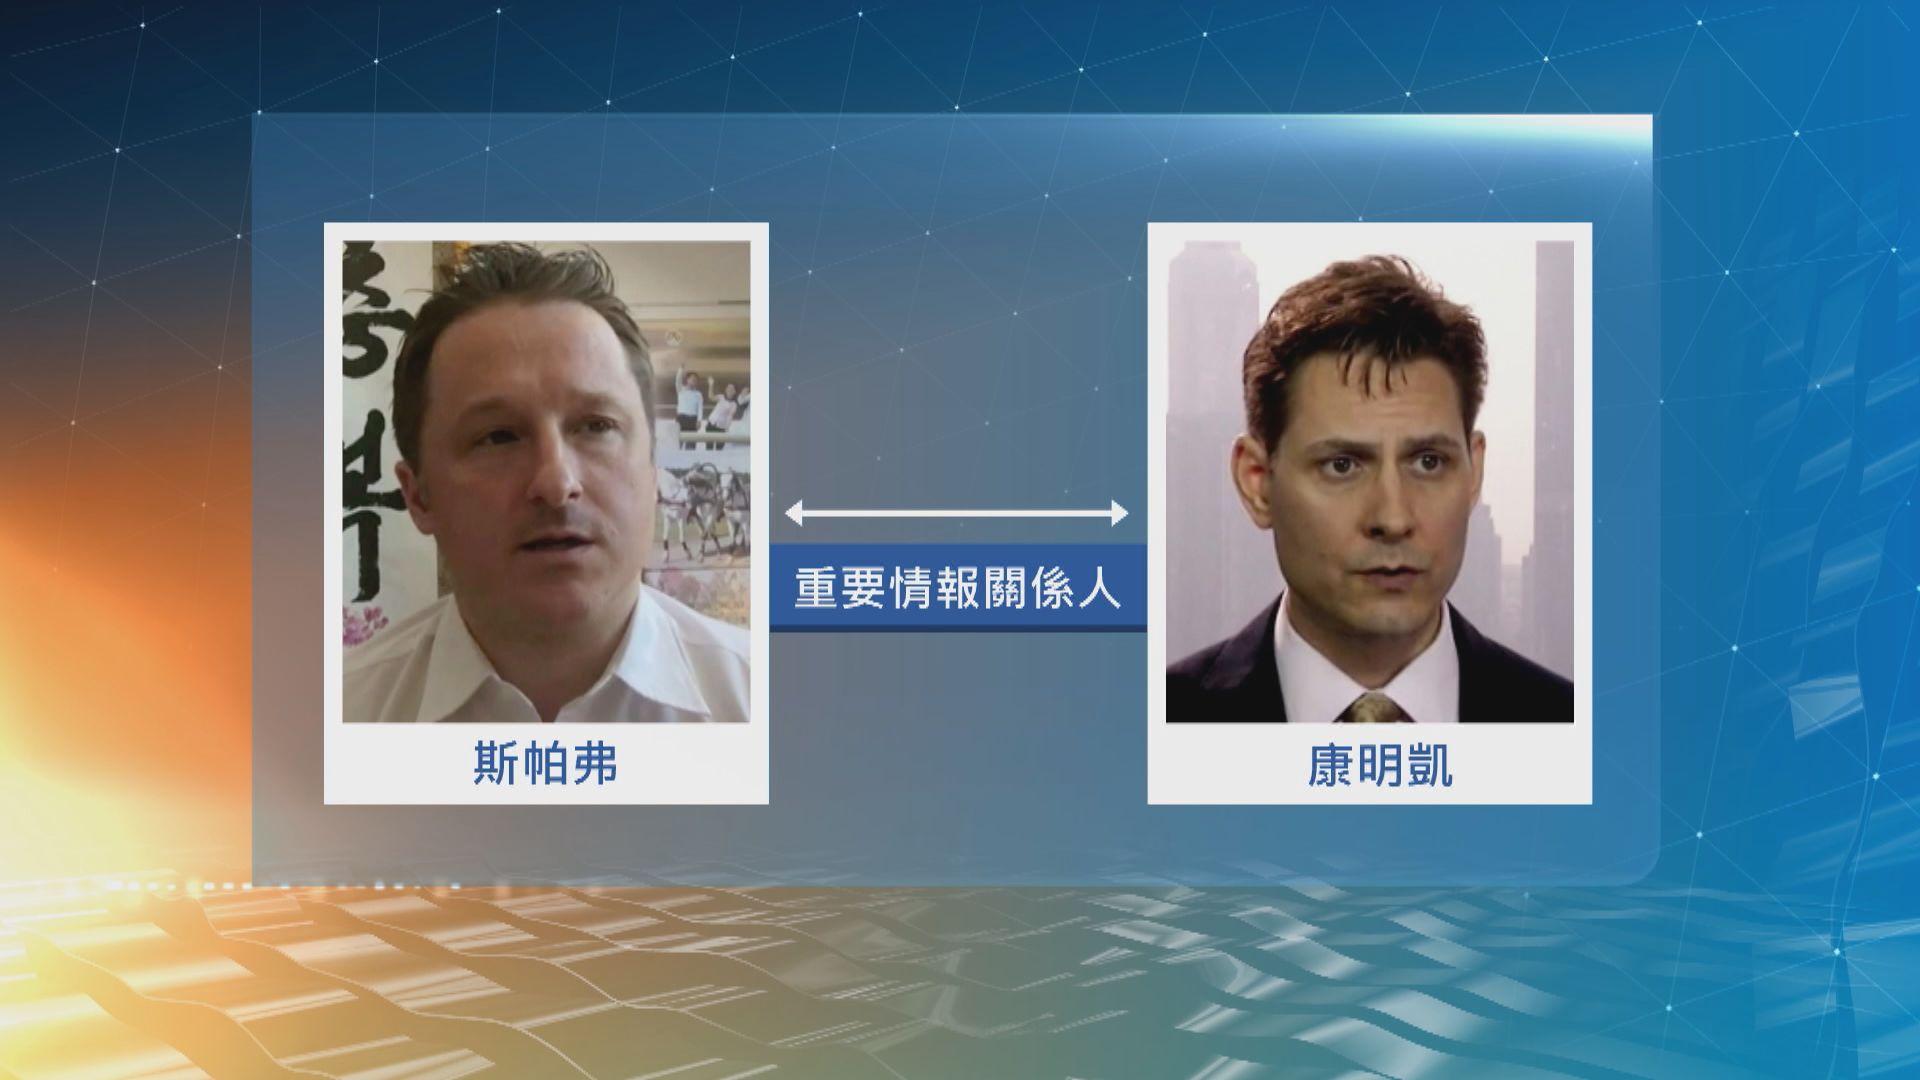 環時披露康明凱斯帕弗案細節 中國外交部:鐵證如山